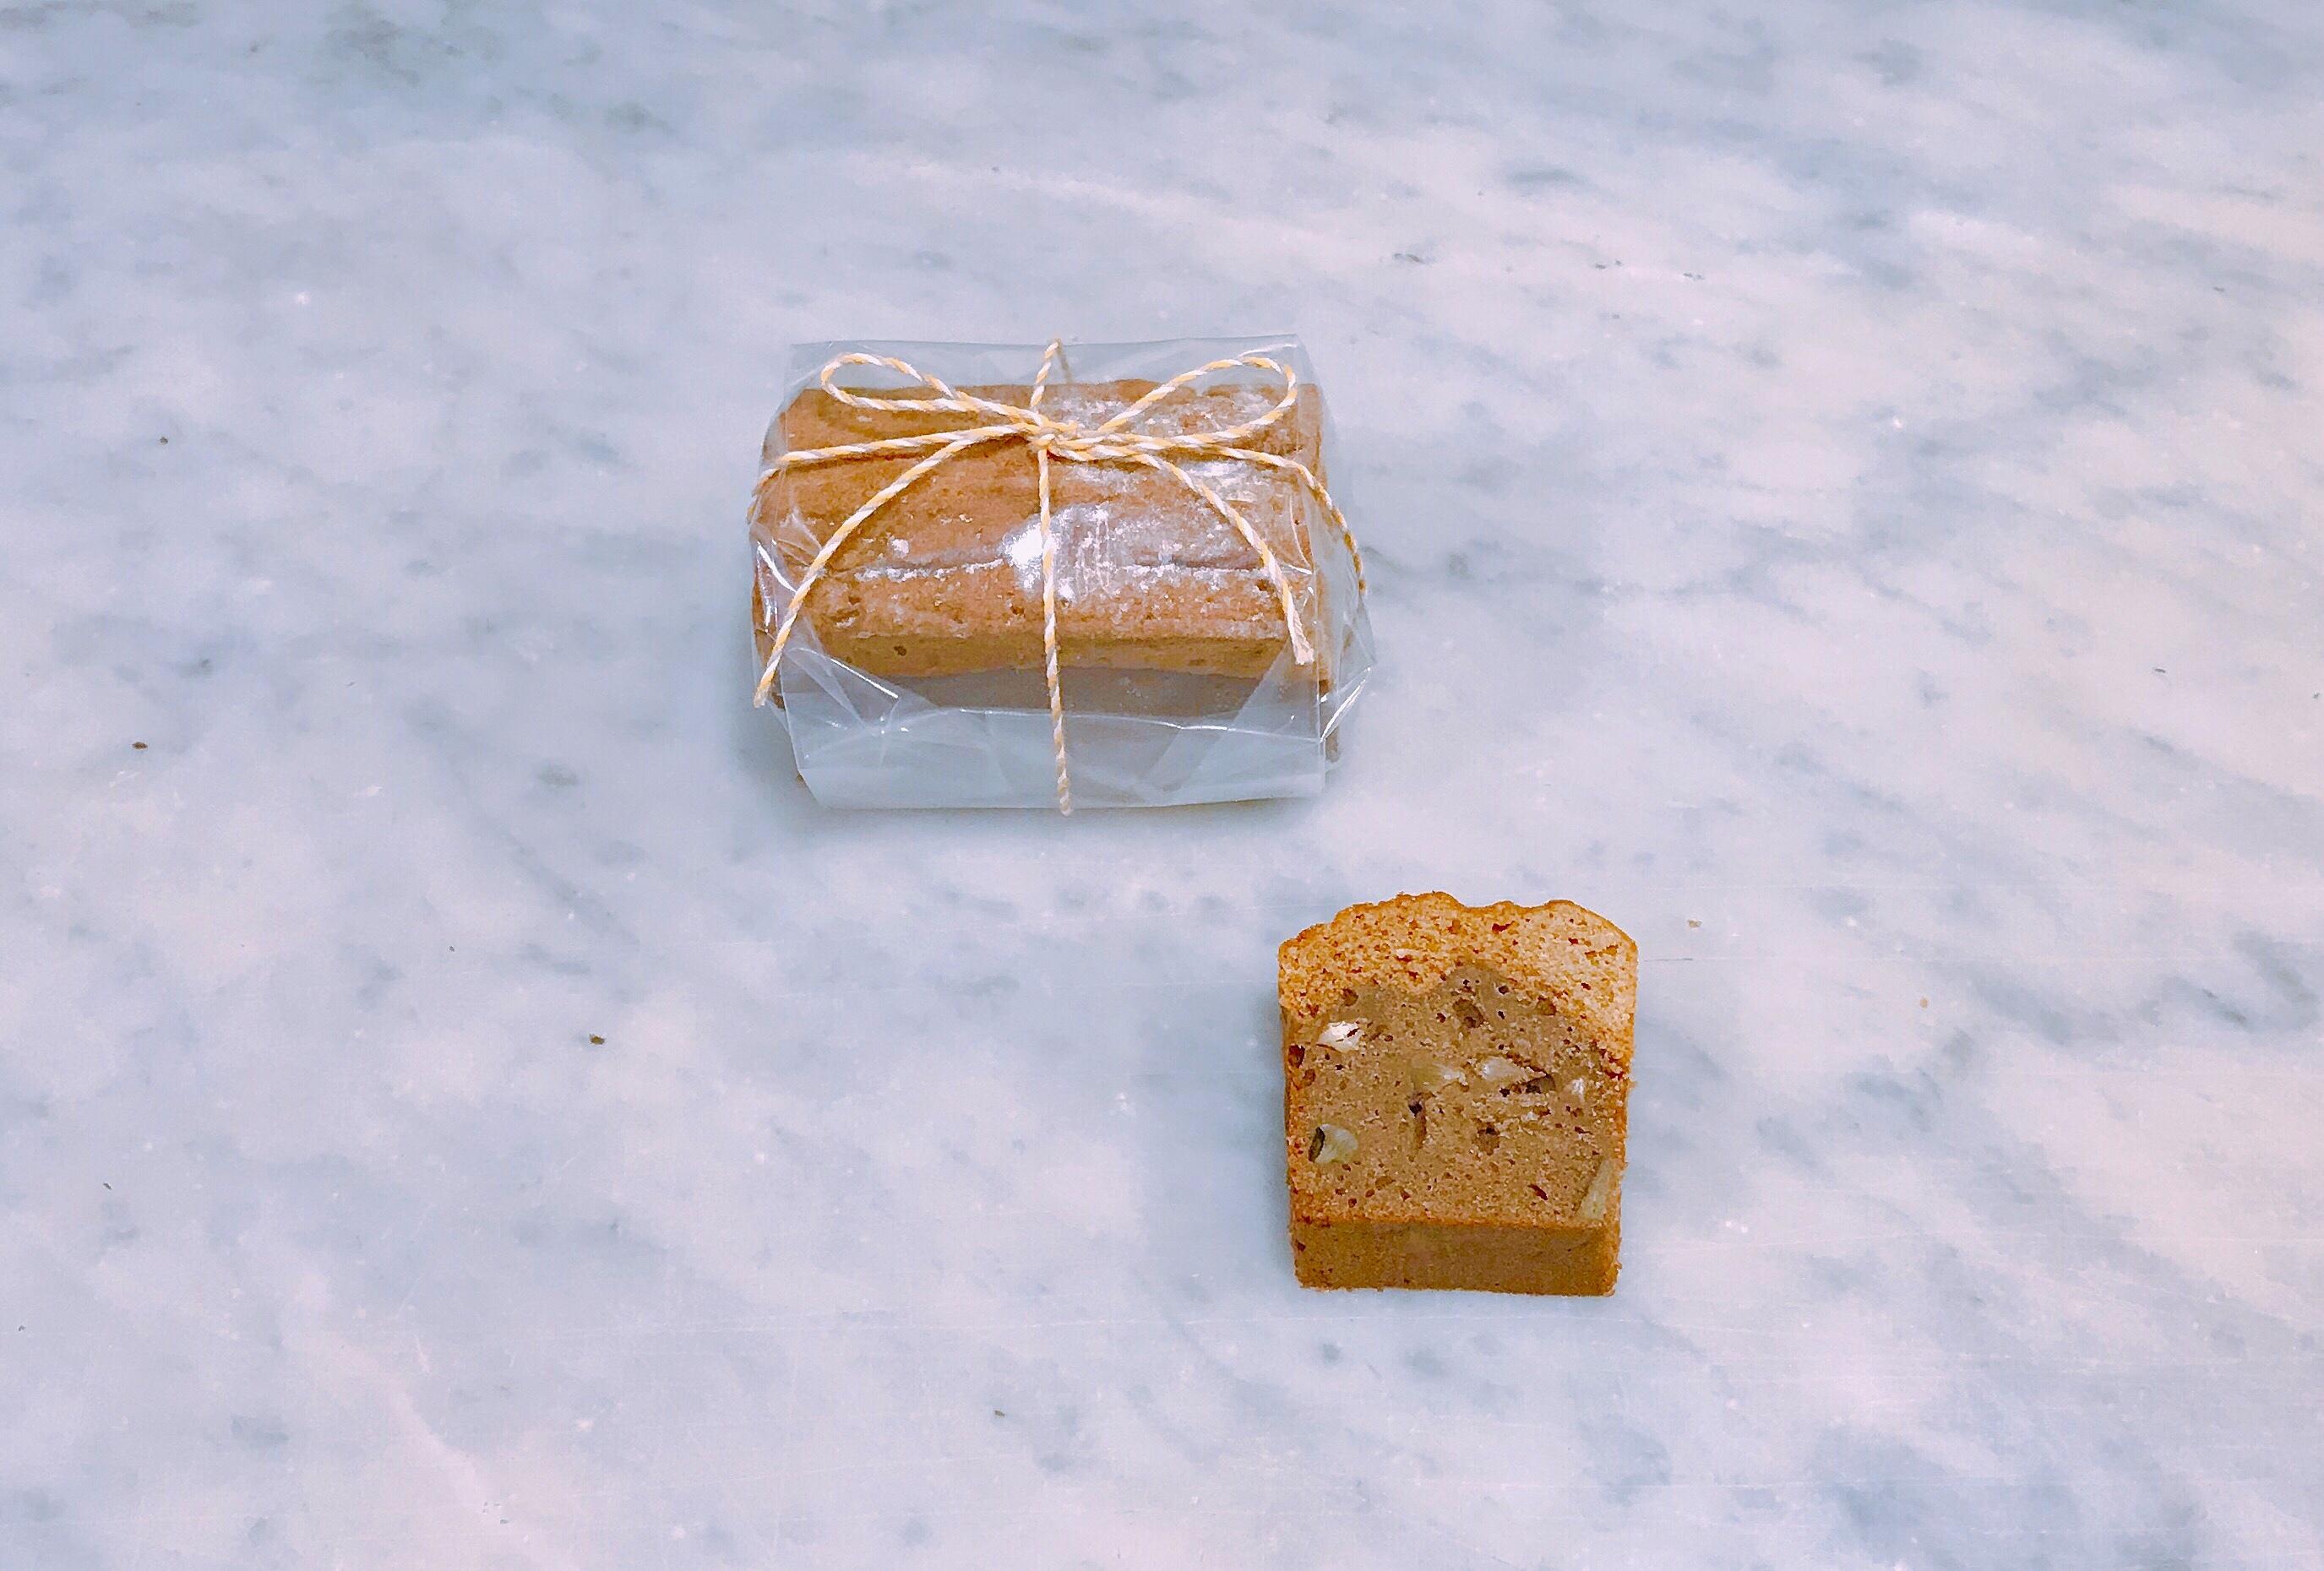 有機野菜とそば粉のパウンドケーキ(根菜)